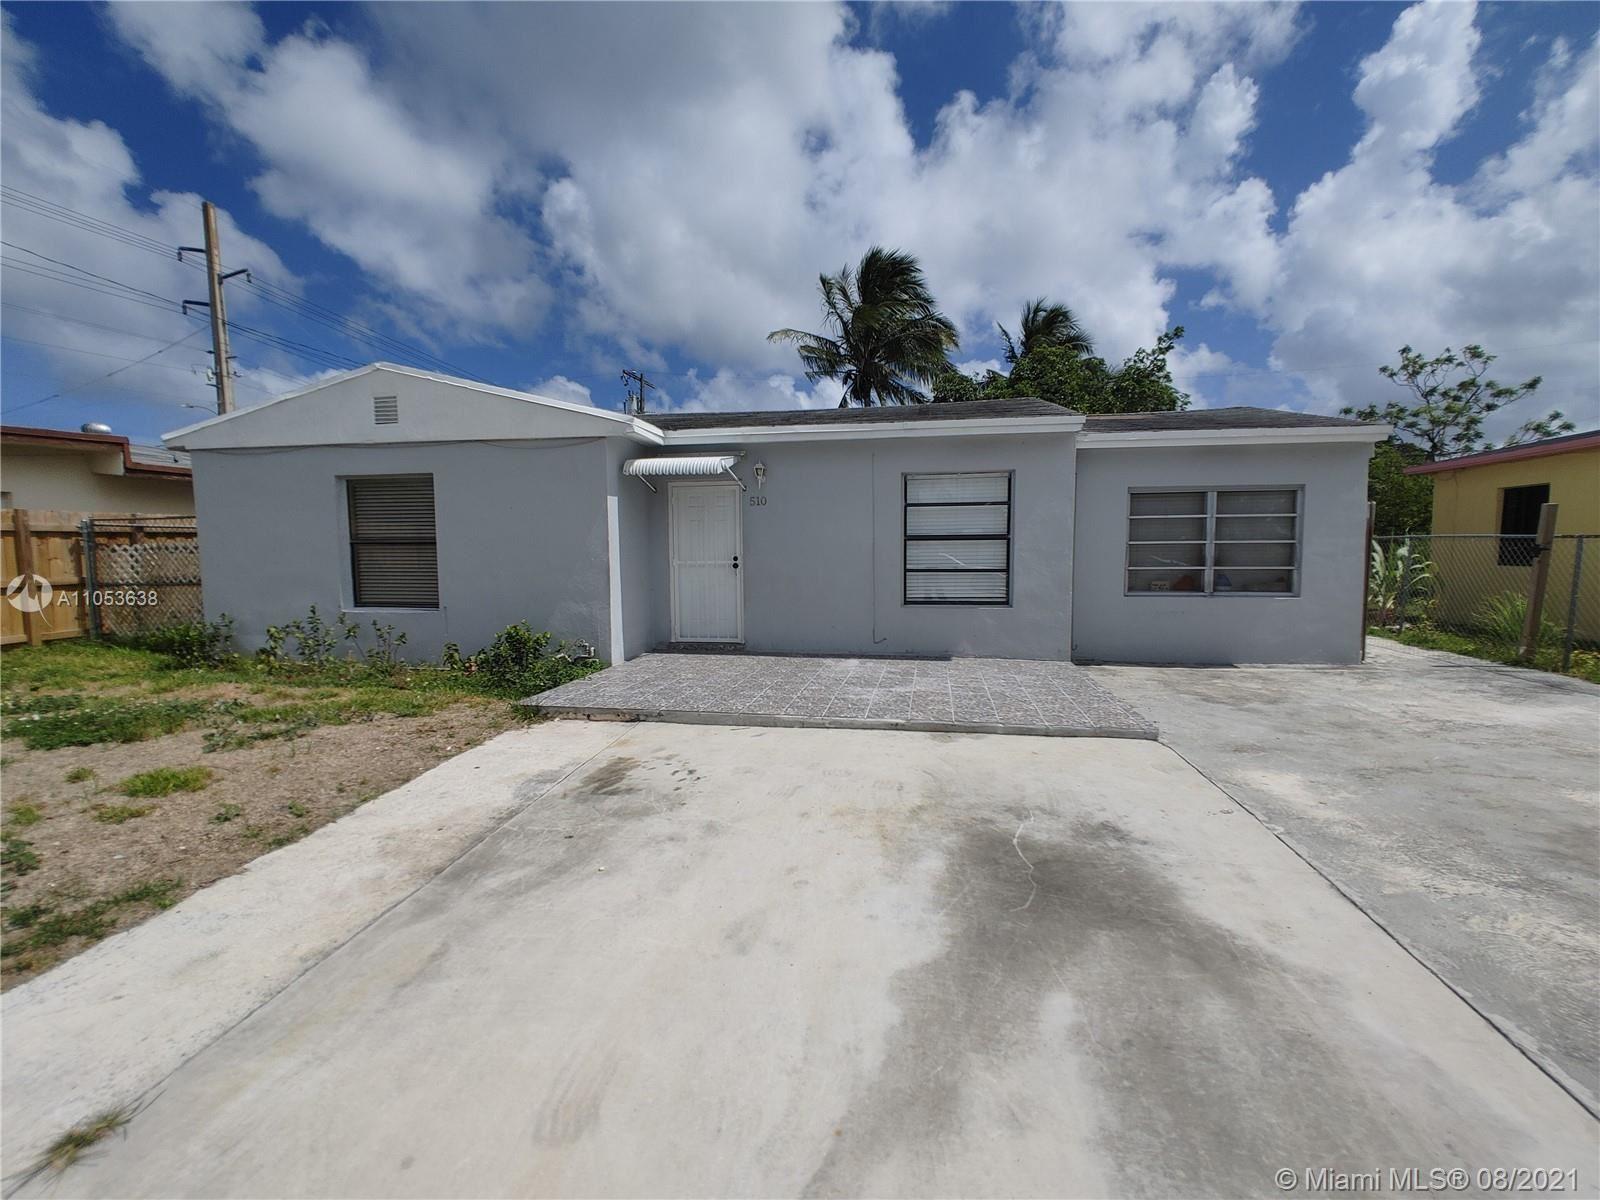 510 NW 108th St, Miami, FL 33168 - #: A11053638